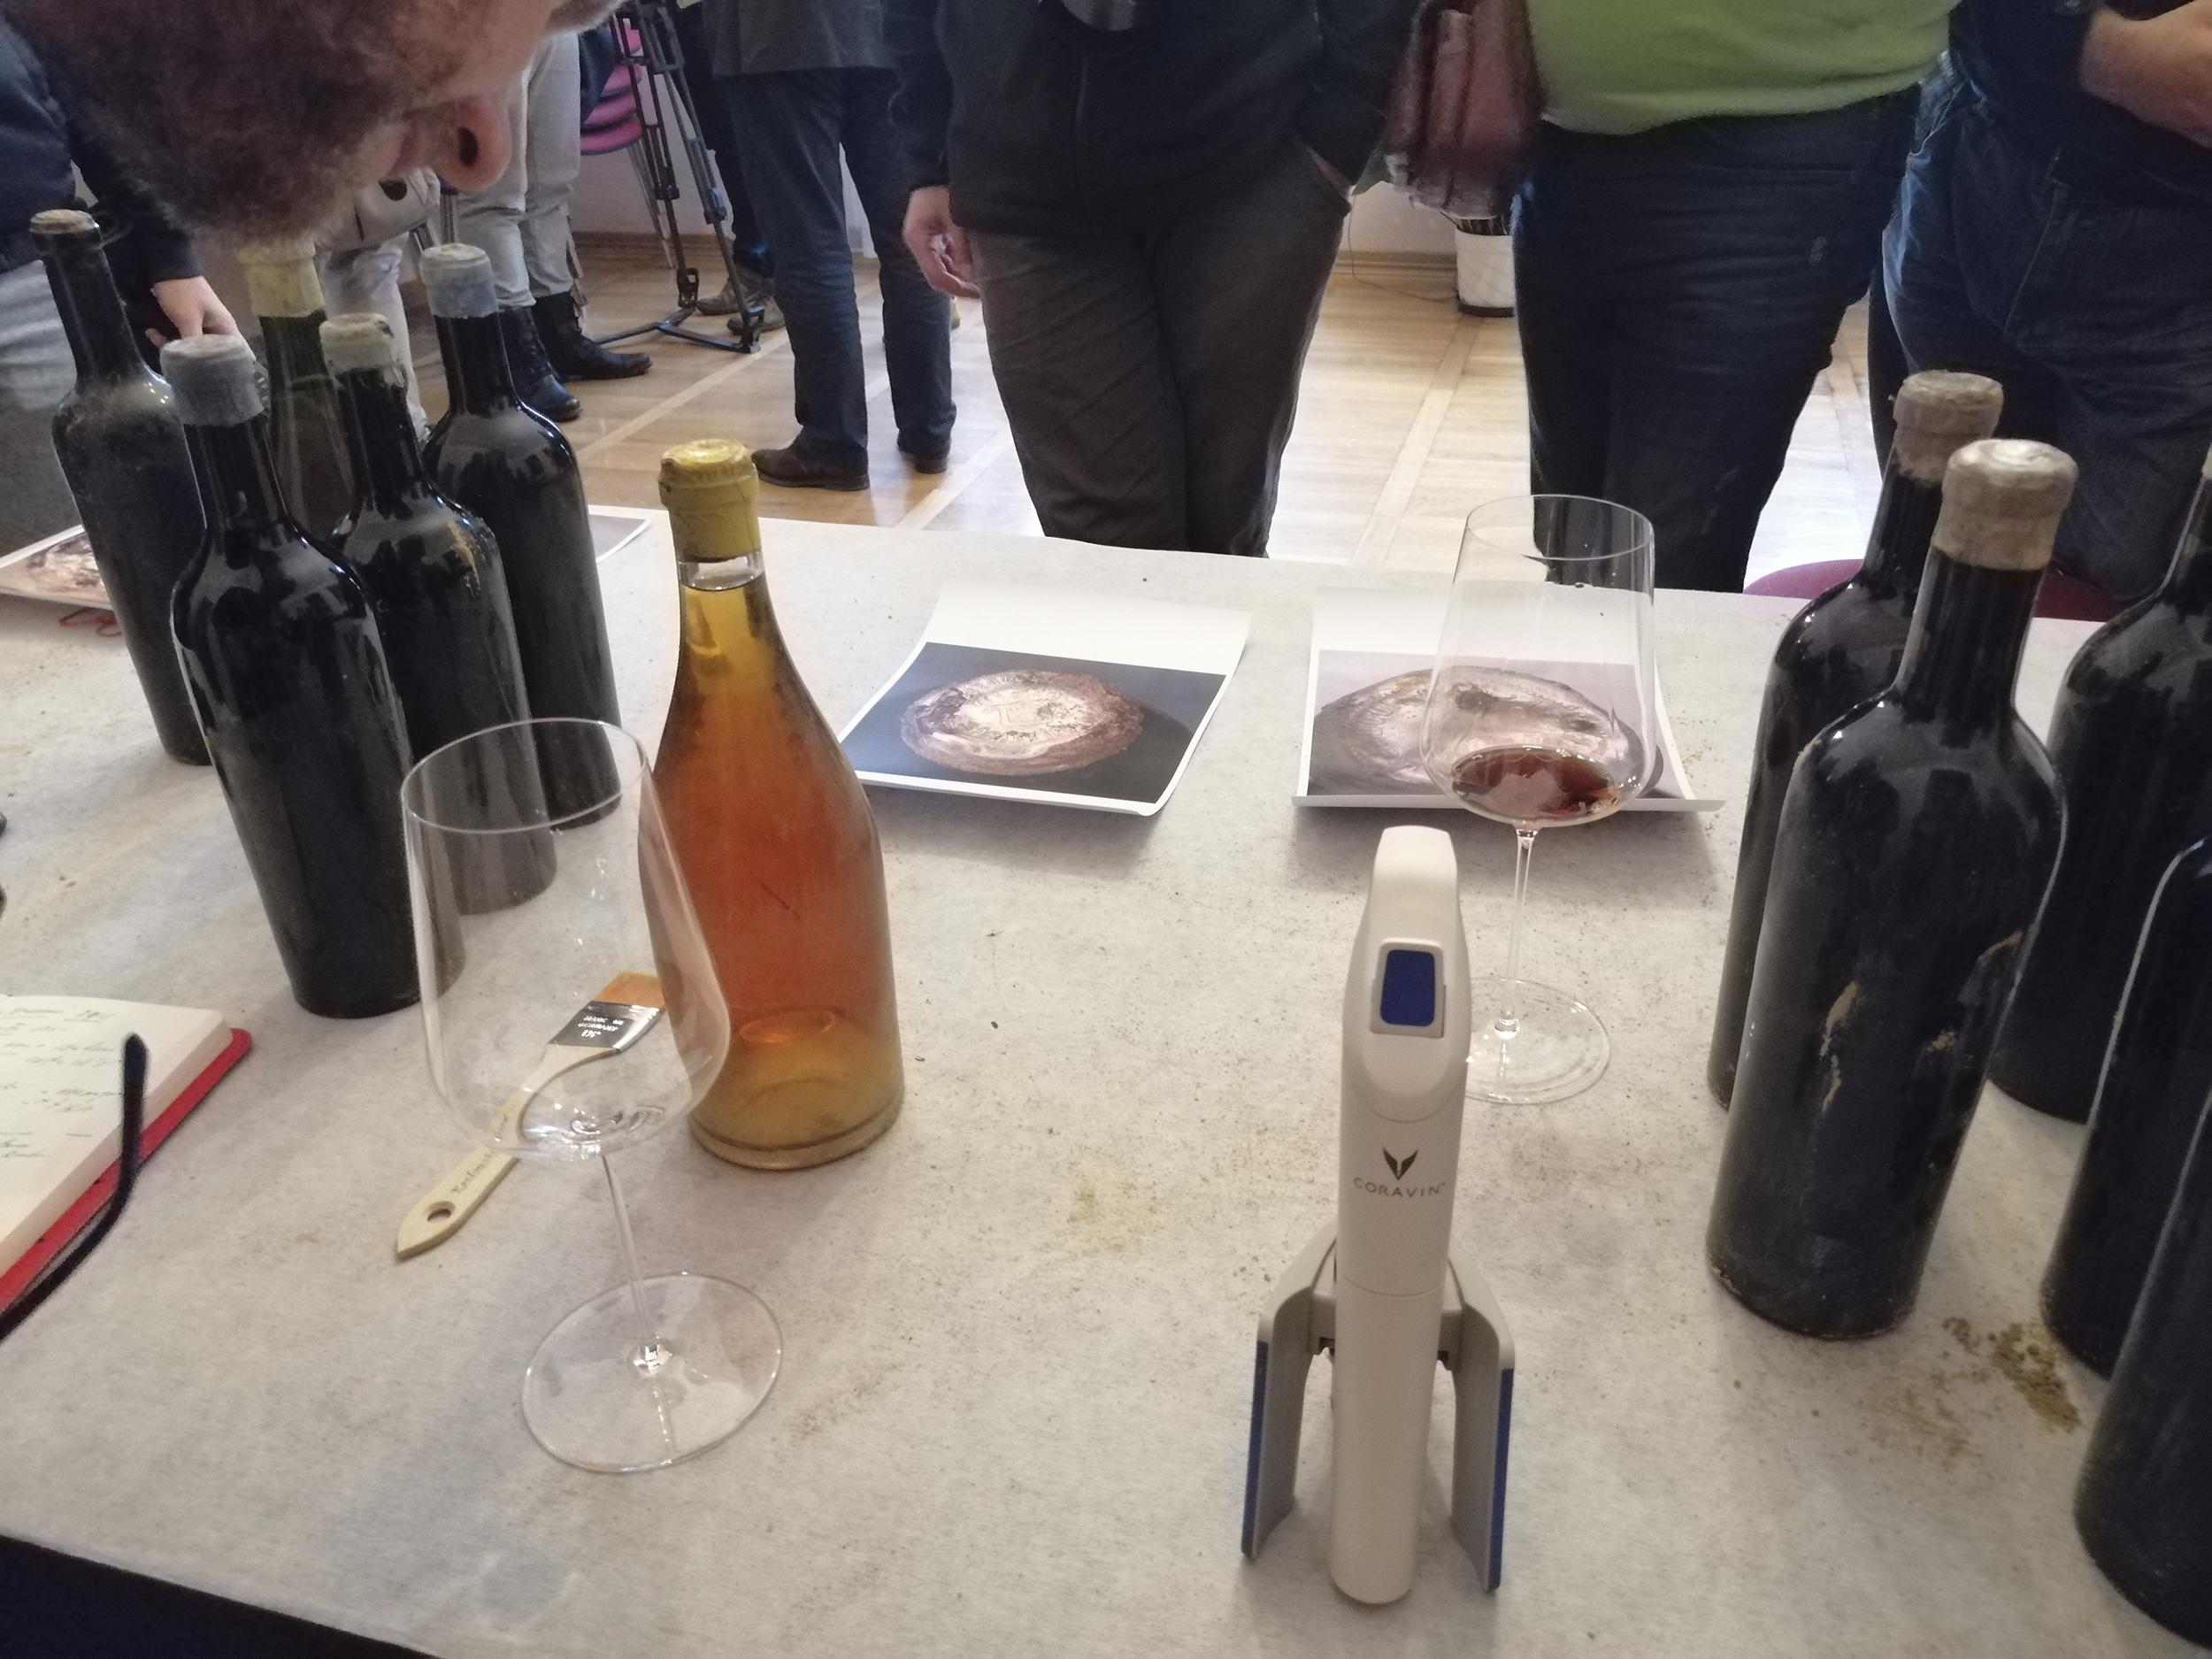 Fotografia. Na pierwszym planie urządzenie służące do nalewania wina bez konieczności wyciągani korka. Obok szklany kieliszek i wino w butelce z jasnego szkła. W tle oszronione butelki z winem z ciemnego szkła.